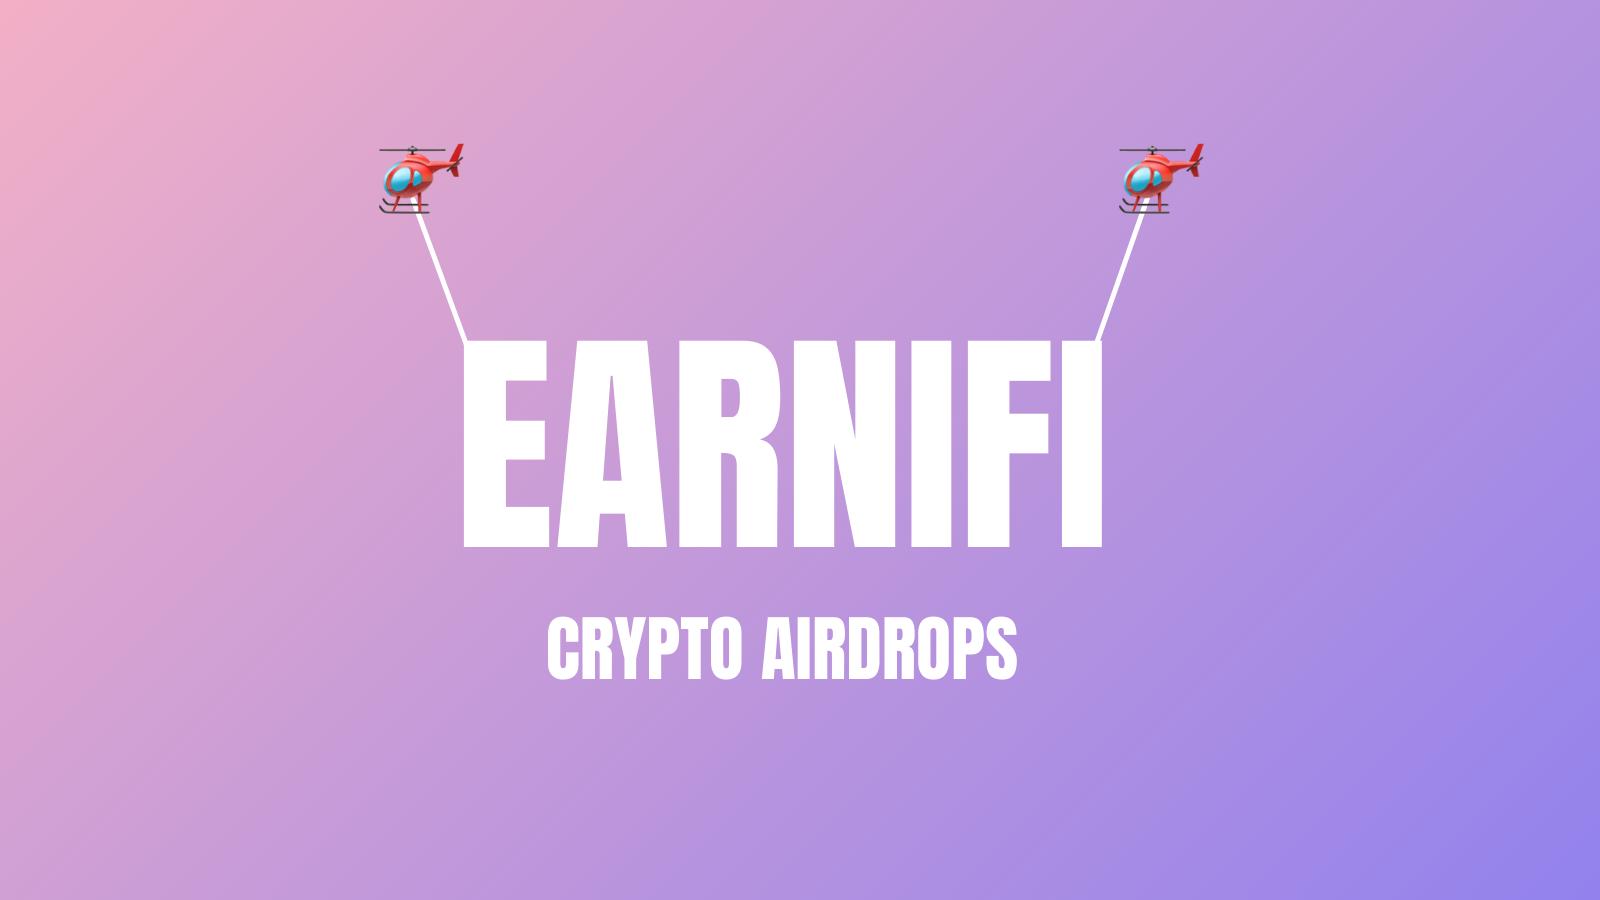 So erhalten Sie Crypto-Airdrops